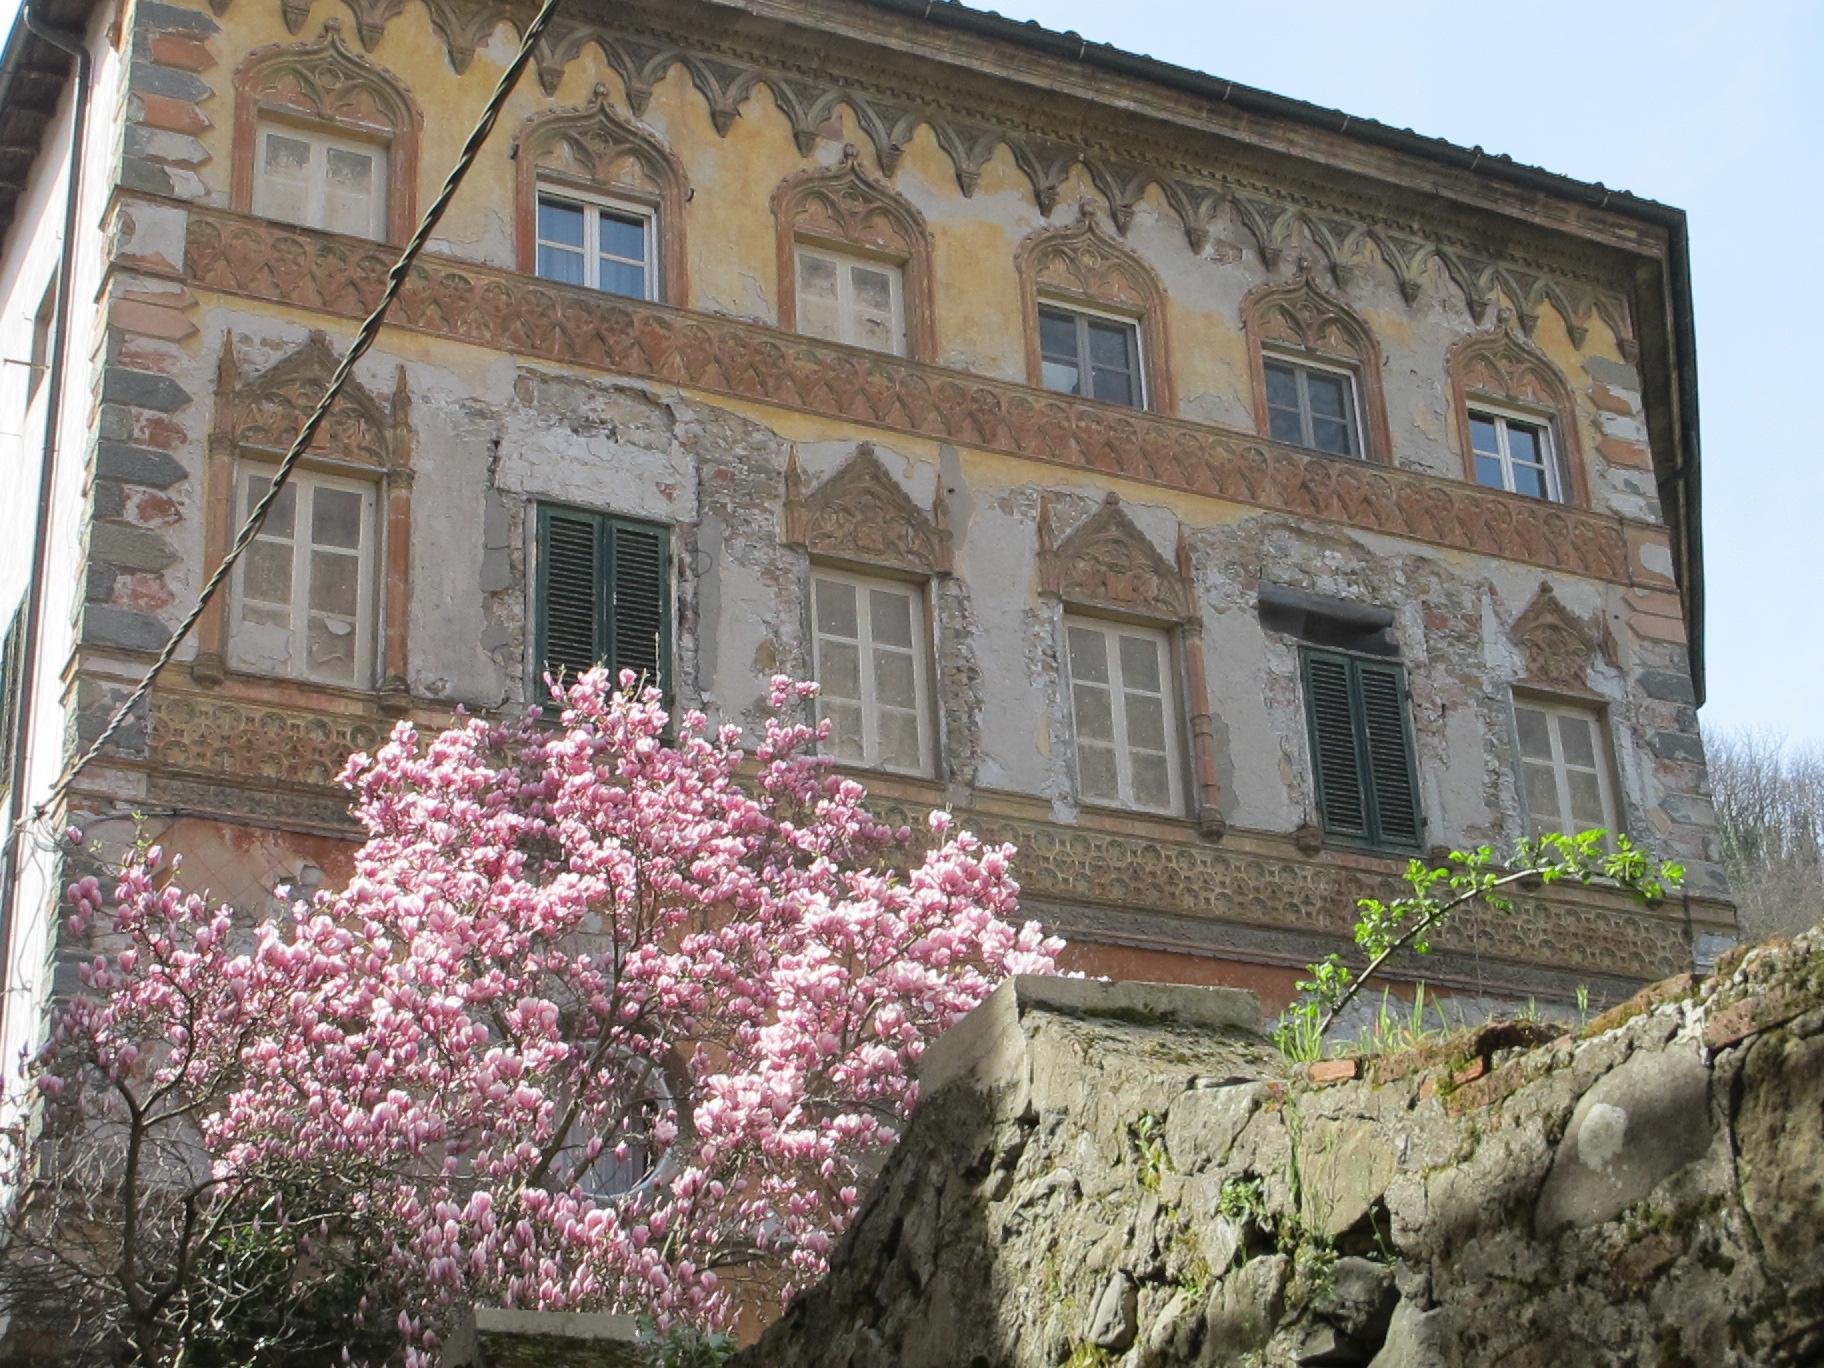 The English Church In Bagni Di Lucca